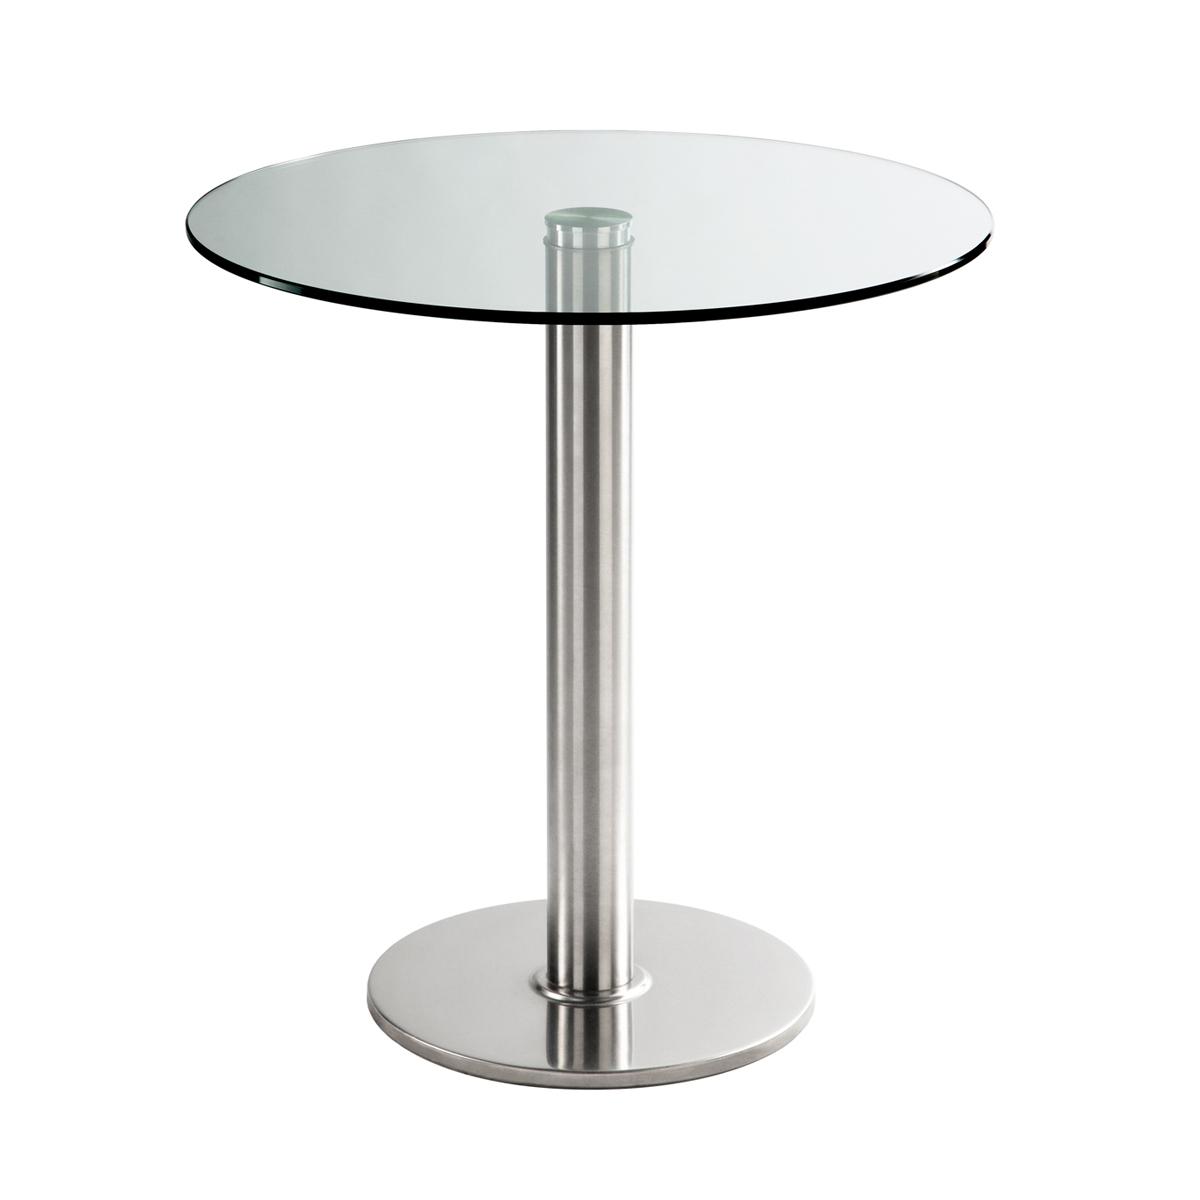 Sitztisch Chromo, rund, Klarglas